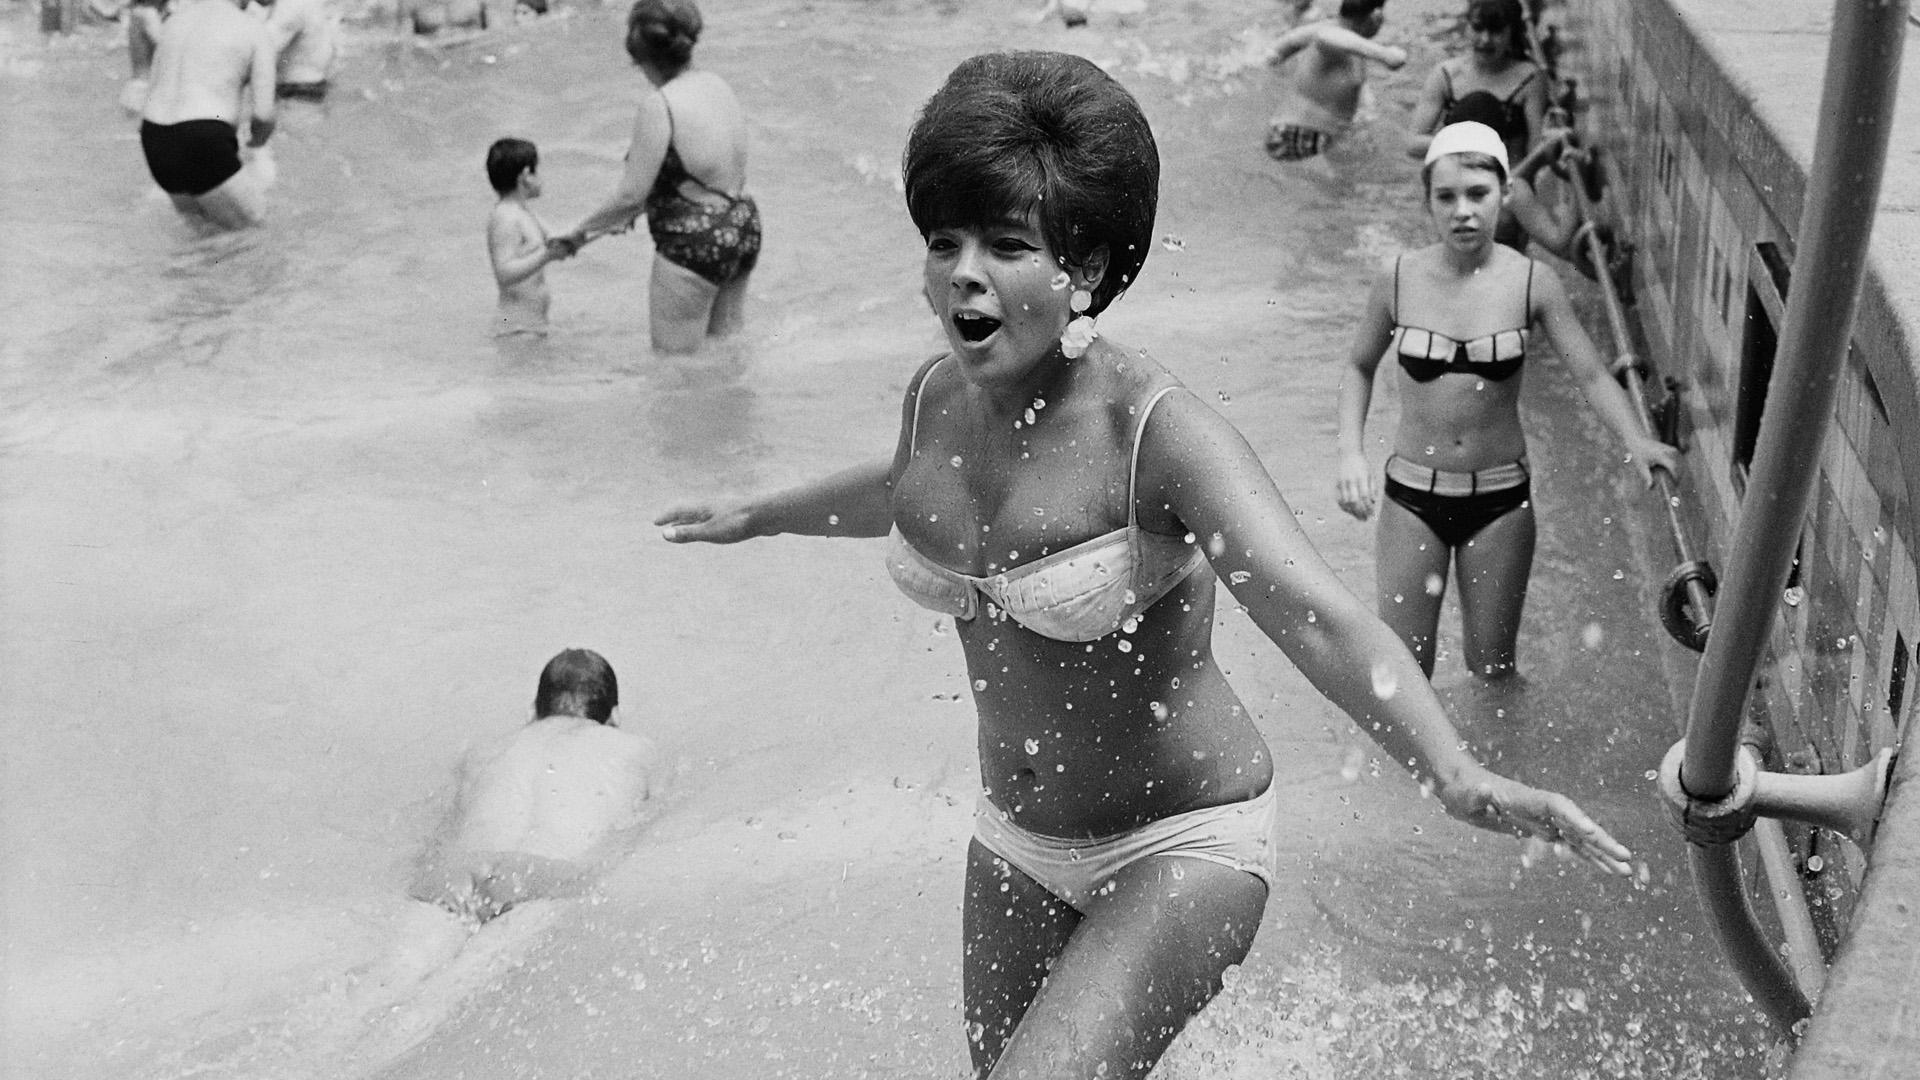 75 éves lett a legnépszerűbb fürdőruha, ami néhol újra tiltólistára került